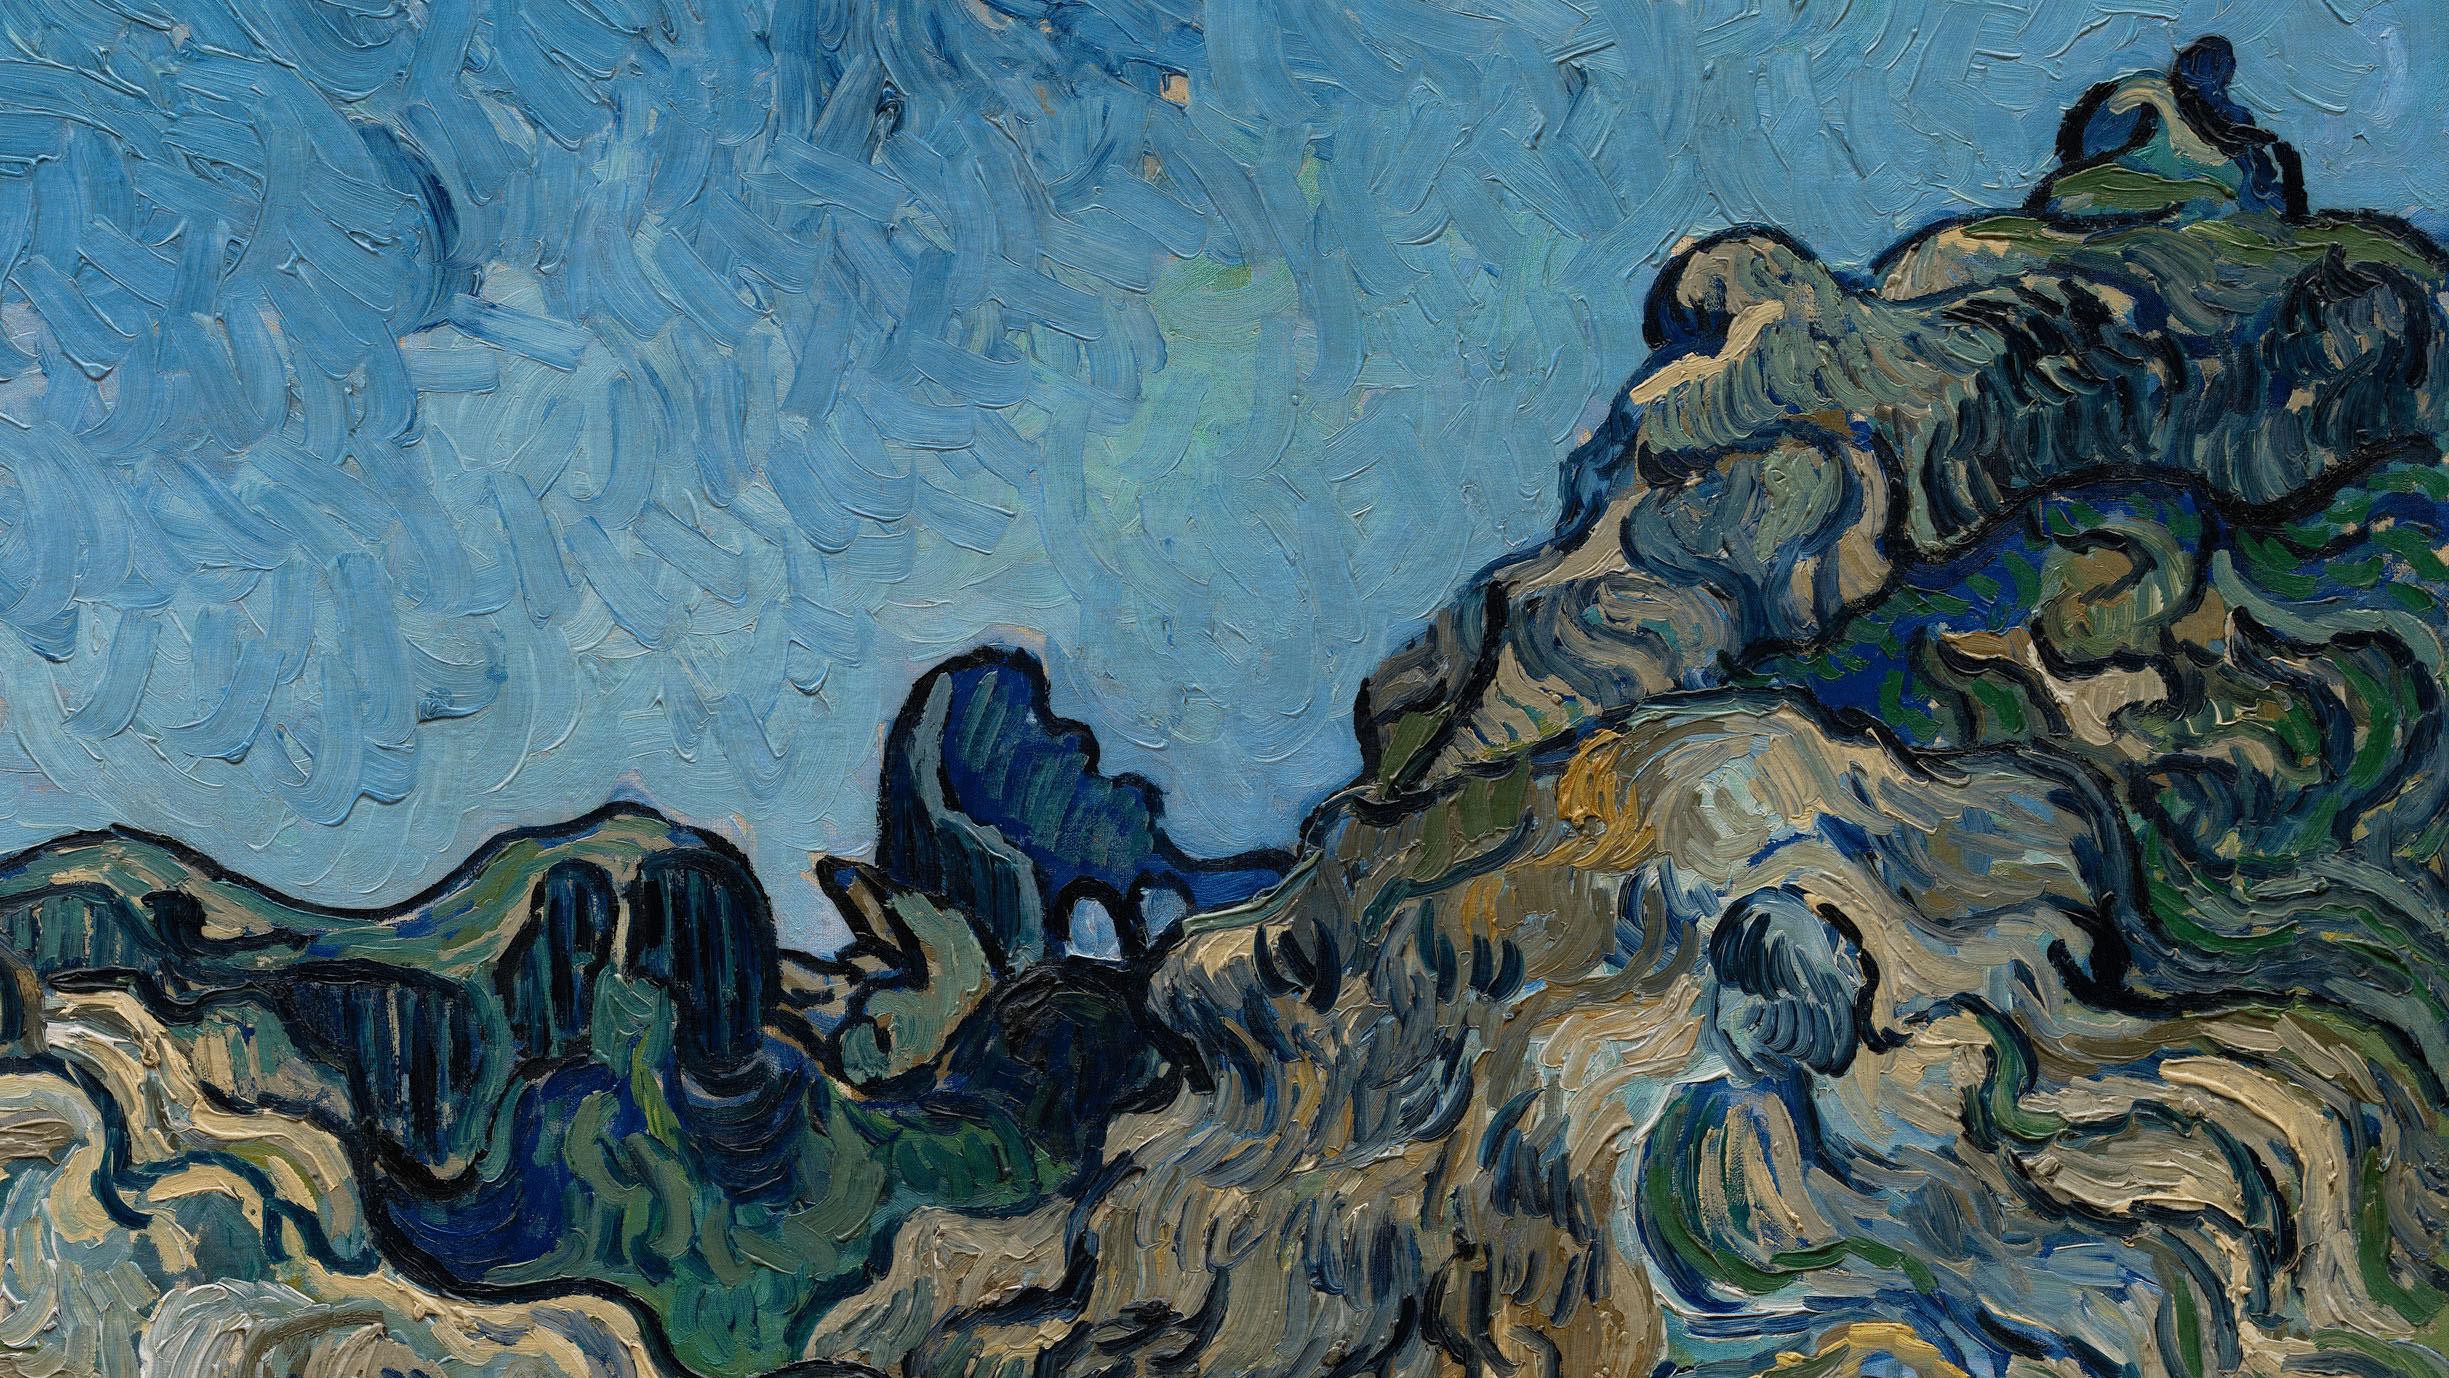 Detail: Vincent van Gogh, Mountains at Saint-Rémy (Montagnes à Saint-Rémy), July 1889